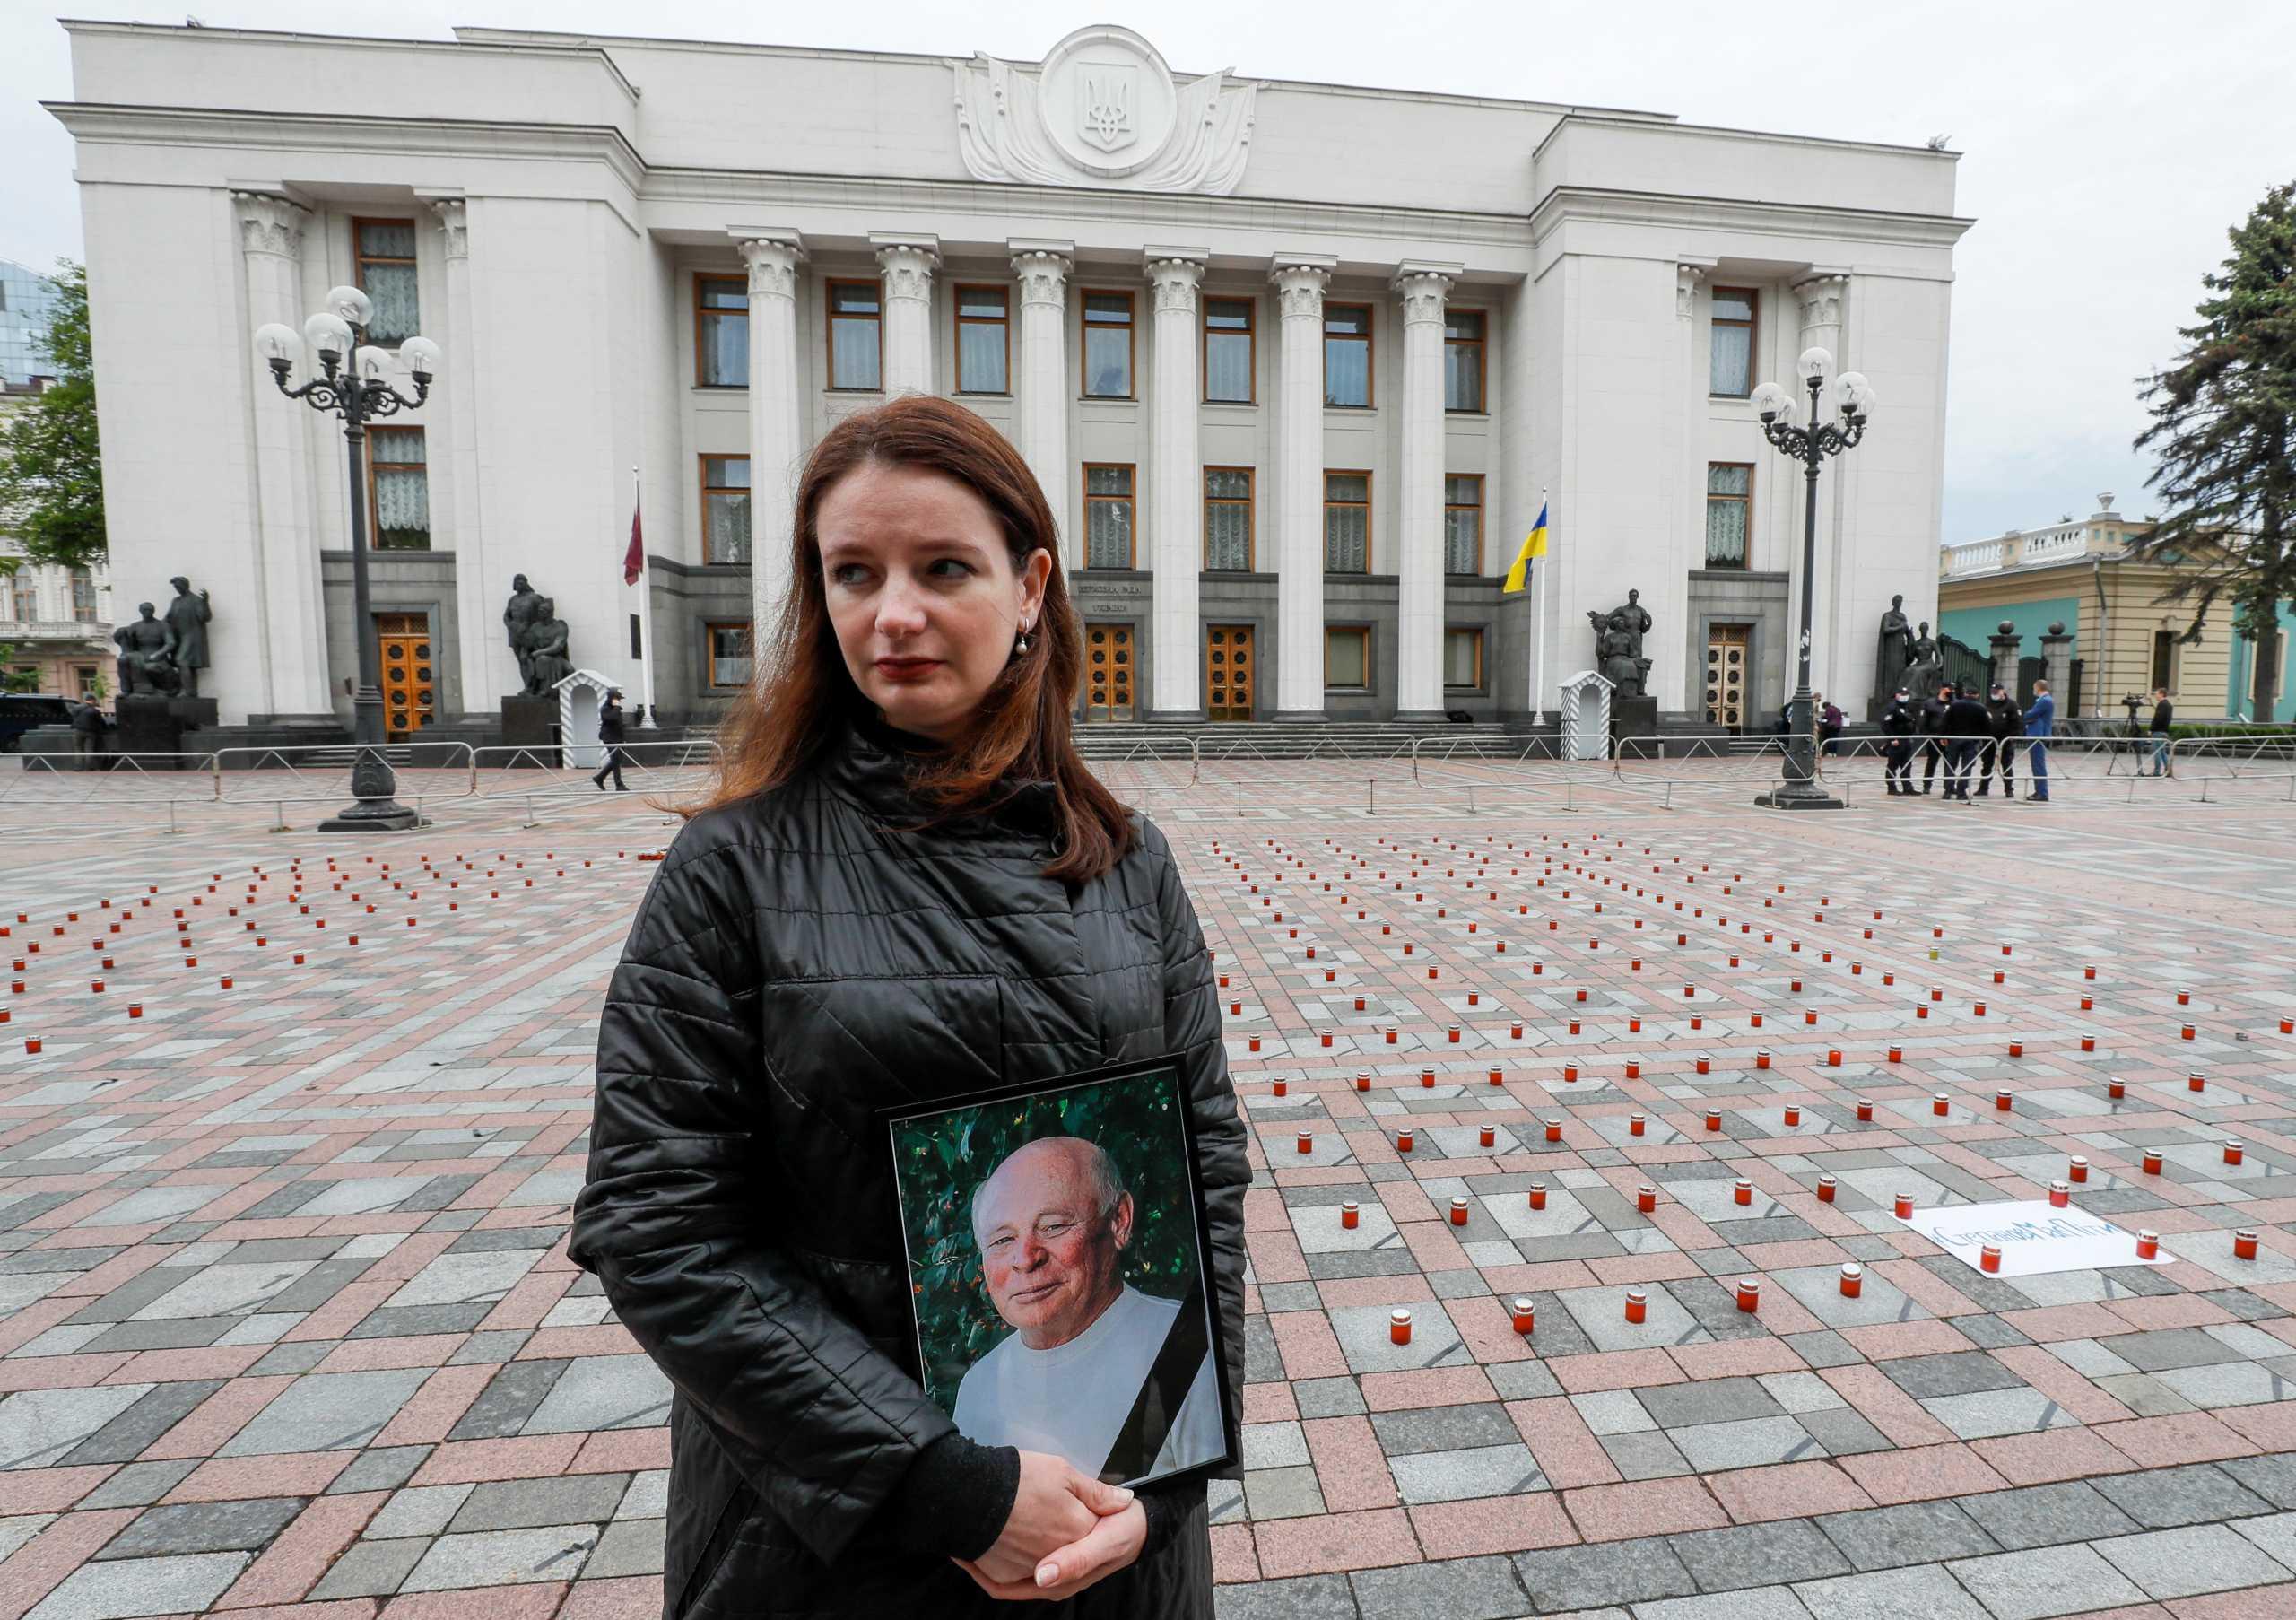 Ουκρανία: Απέτυχαν με τον κορονοϊό και απομακρύνονται οι υπουργοί Υγείας και Οικονομικών